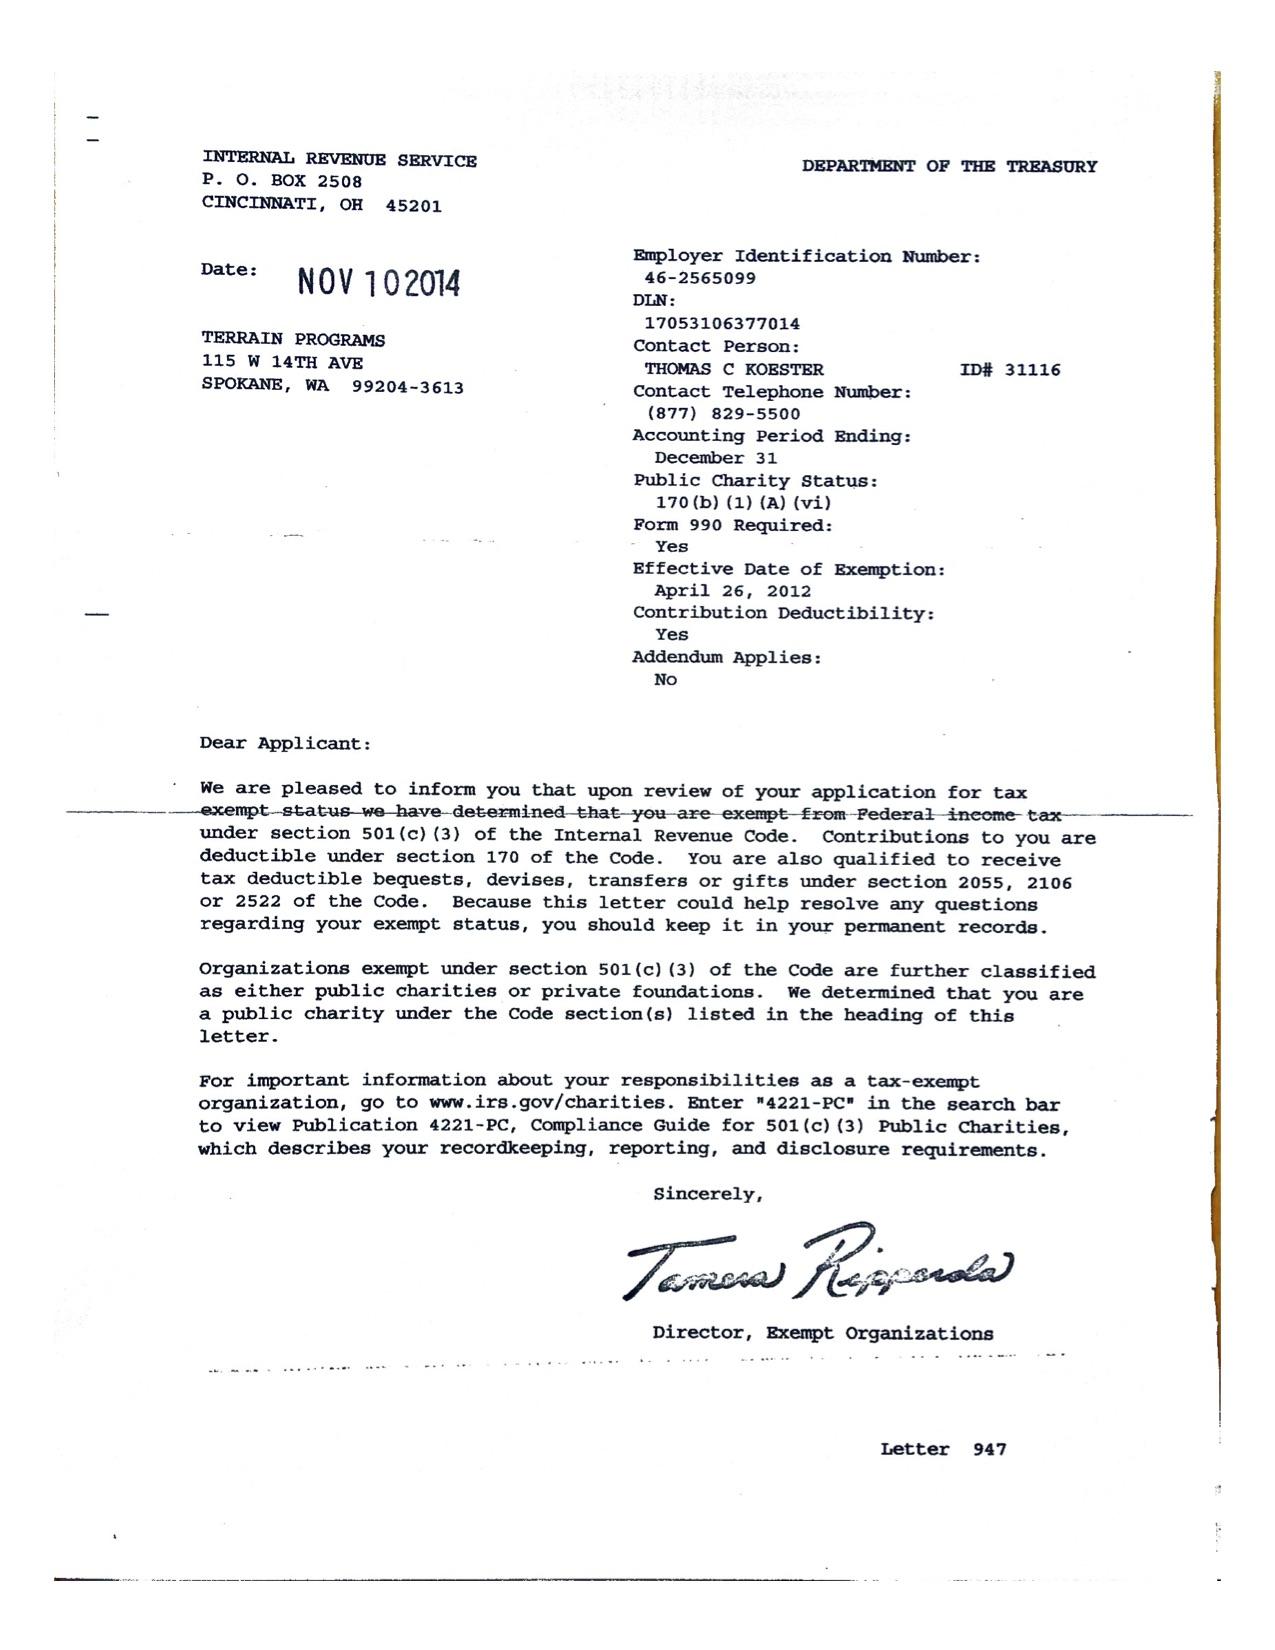 TERRAIN IRS determination letter.jpg